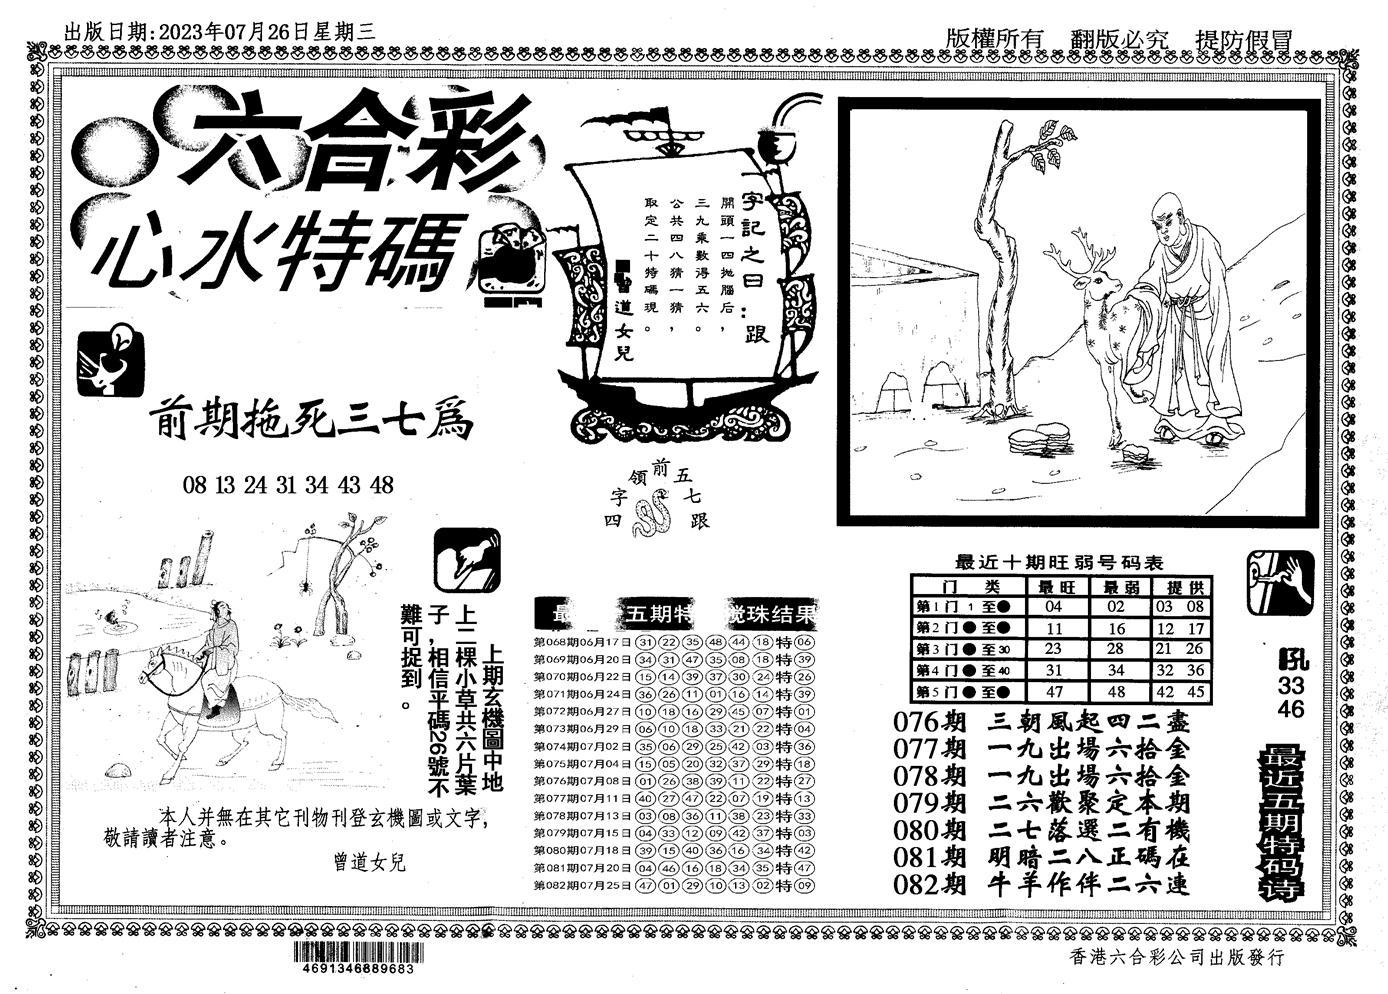 083期新特码心水(黑白)